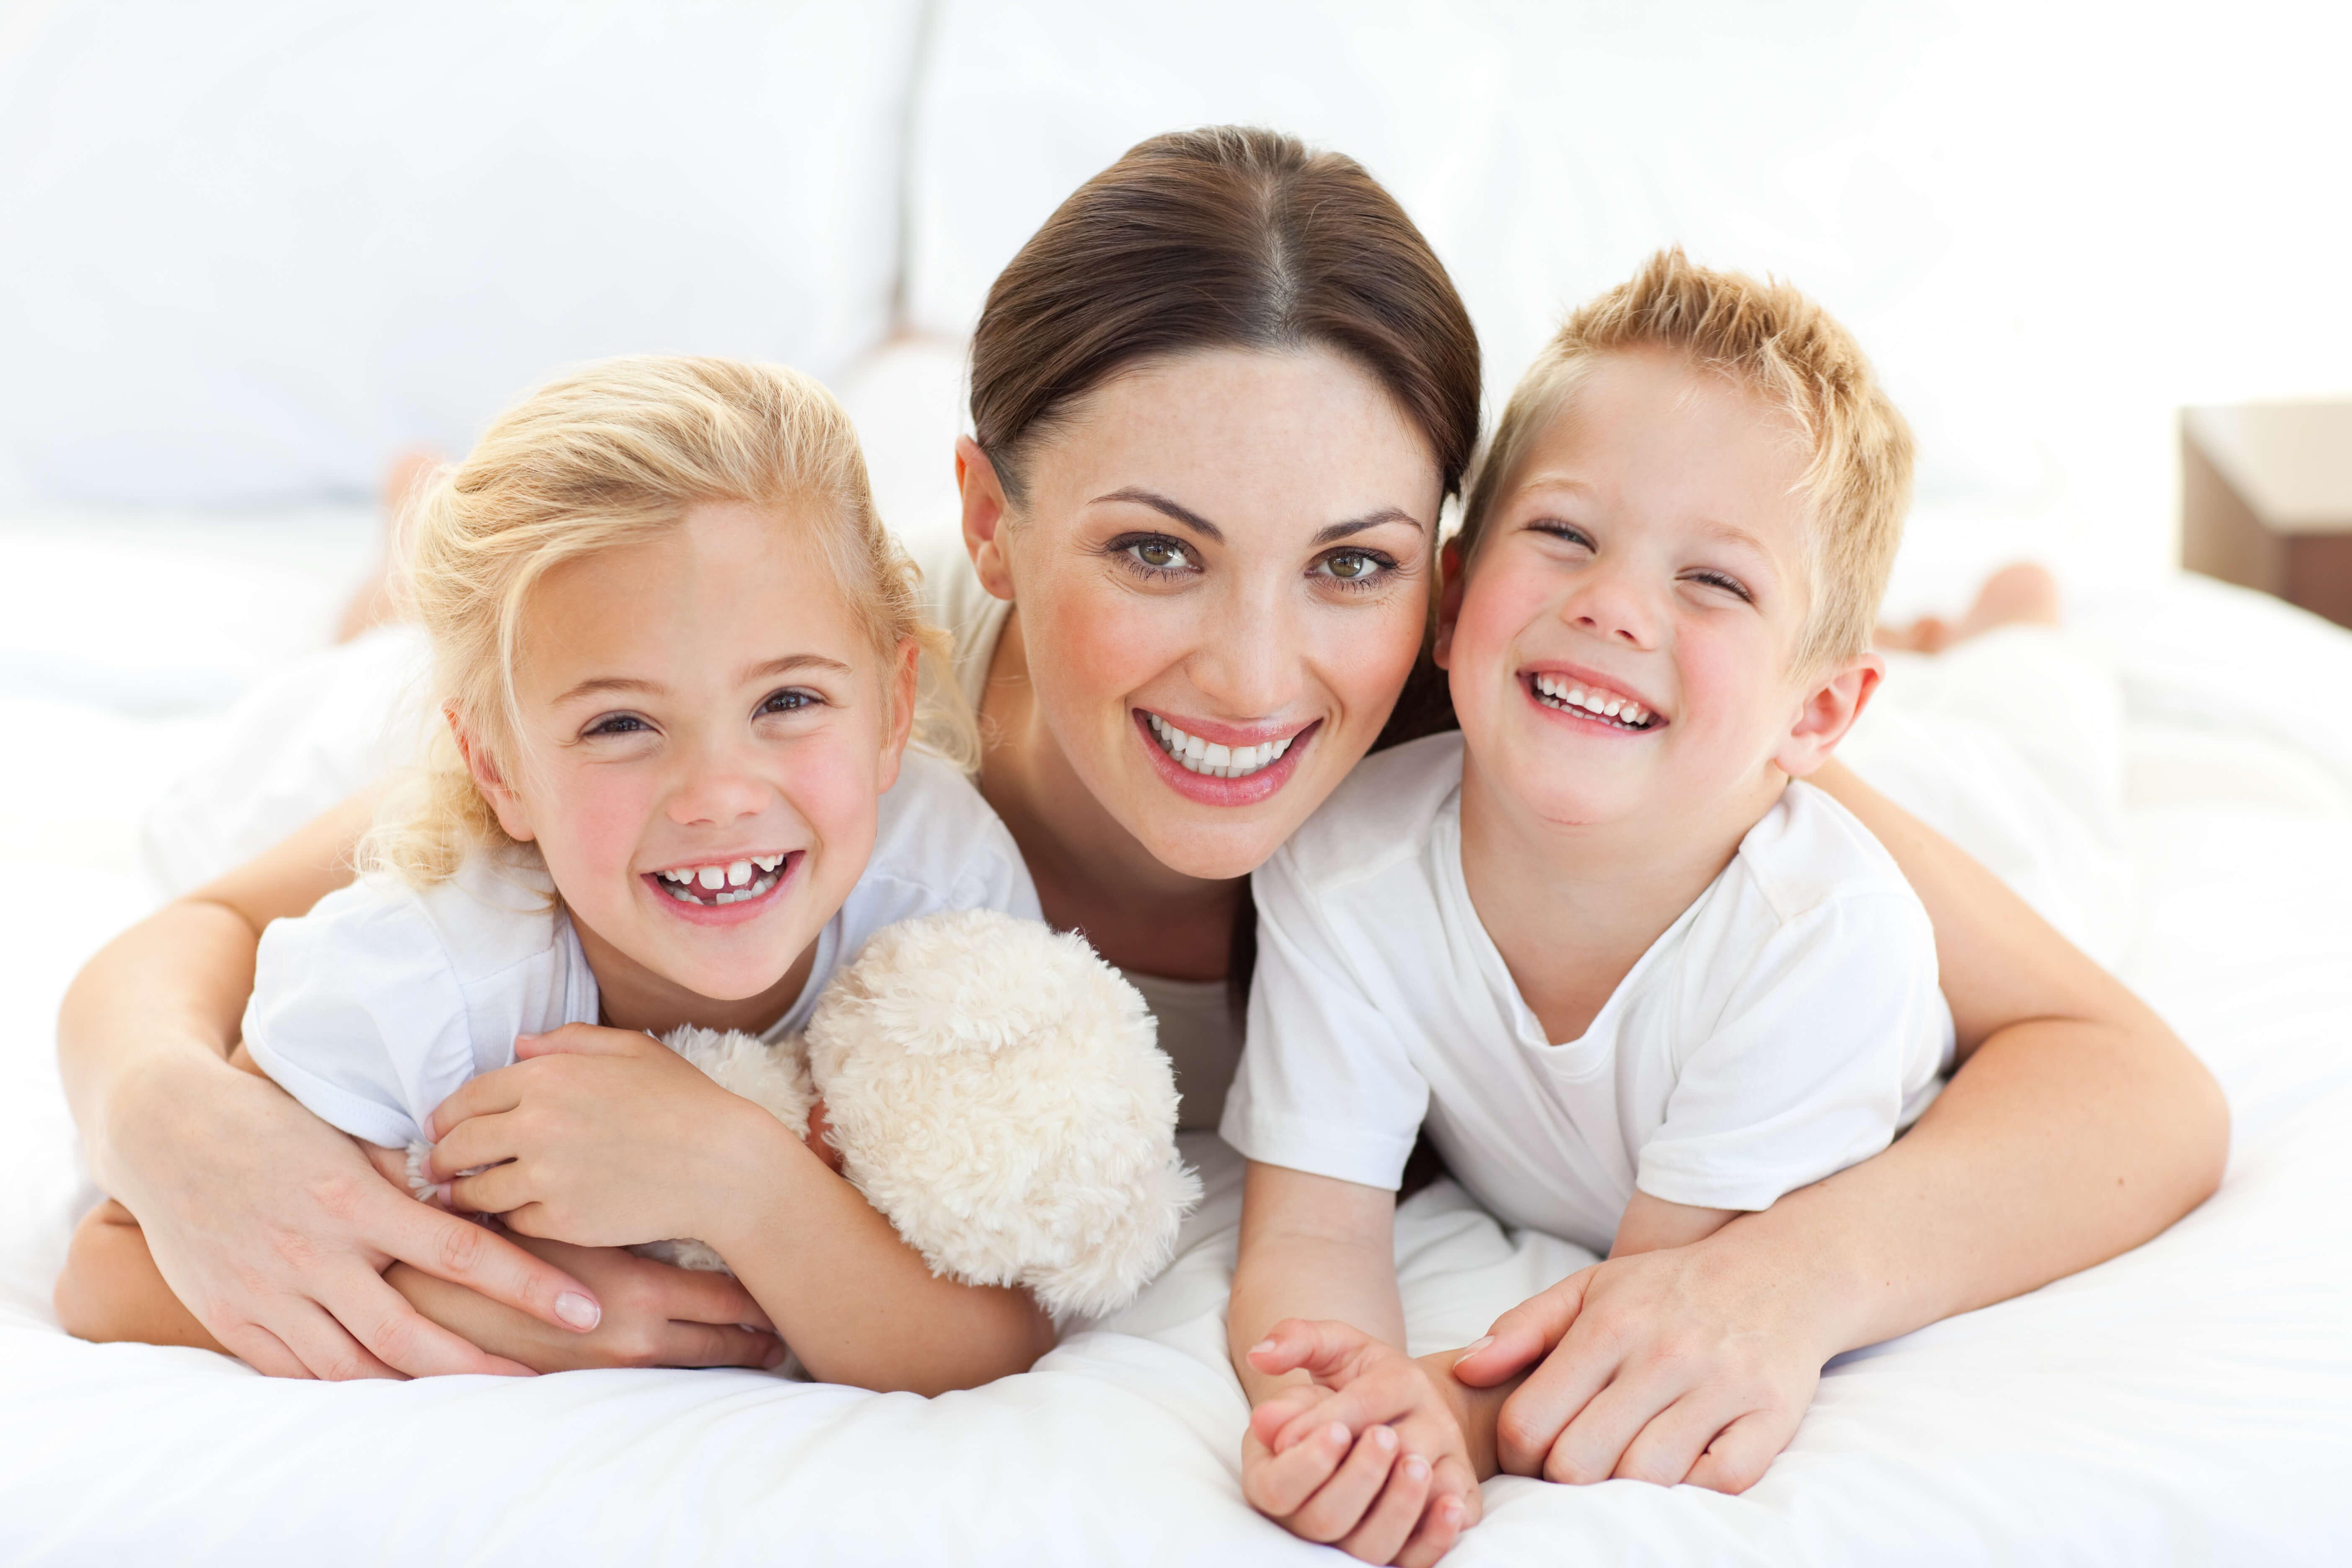 Стандартный вычет на детей: процесс оформления